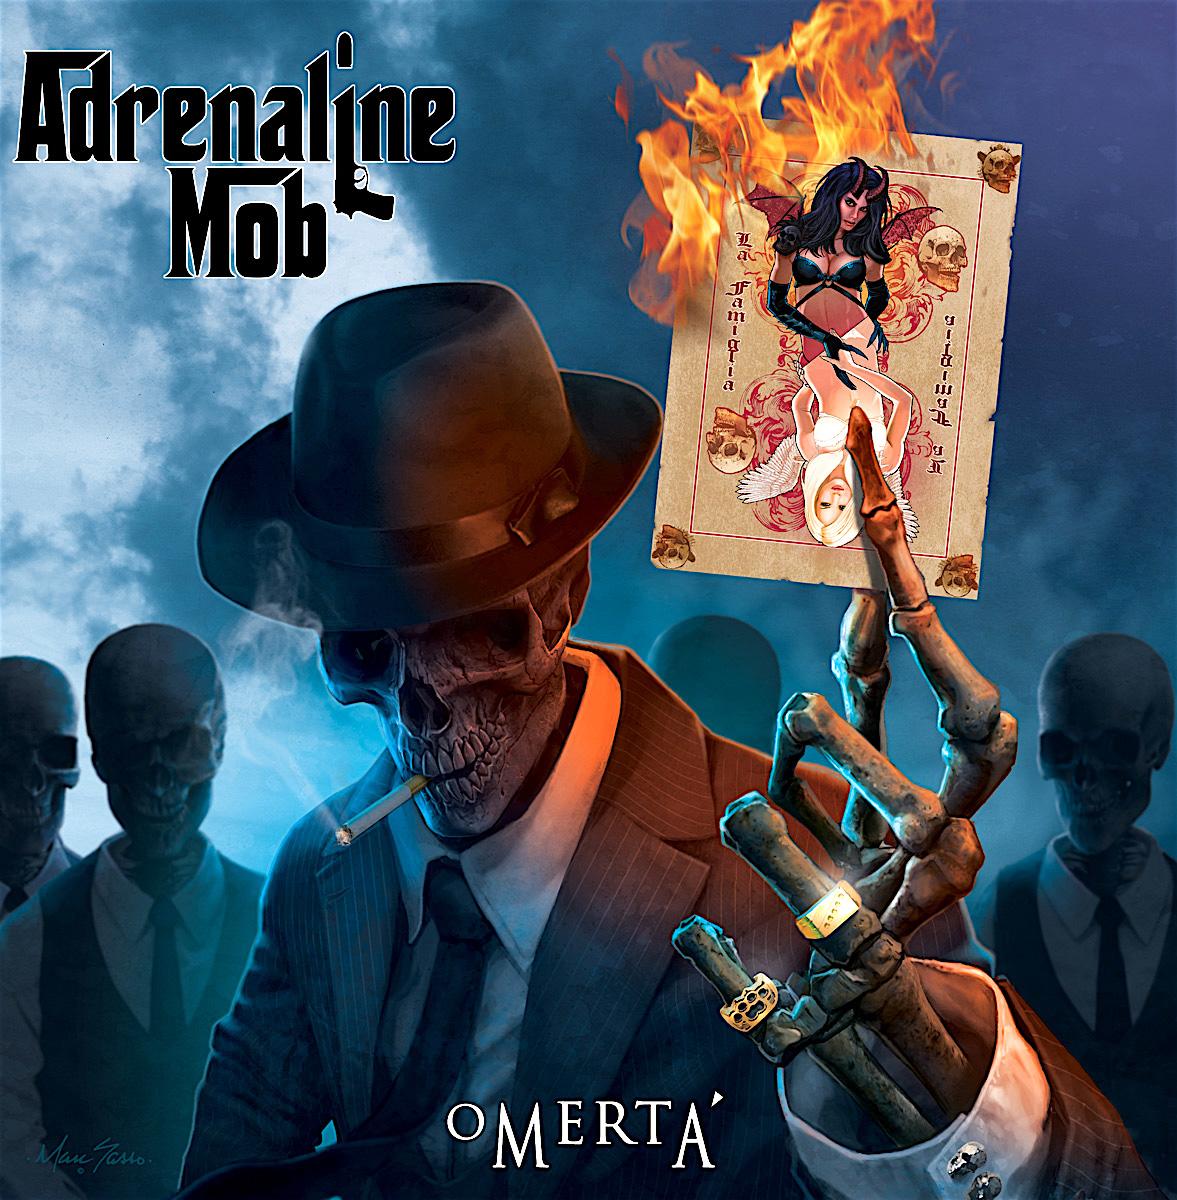 ADRENALINE MOB - Omertá cover